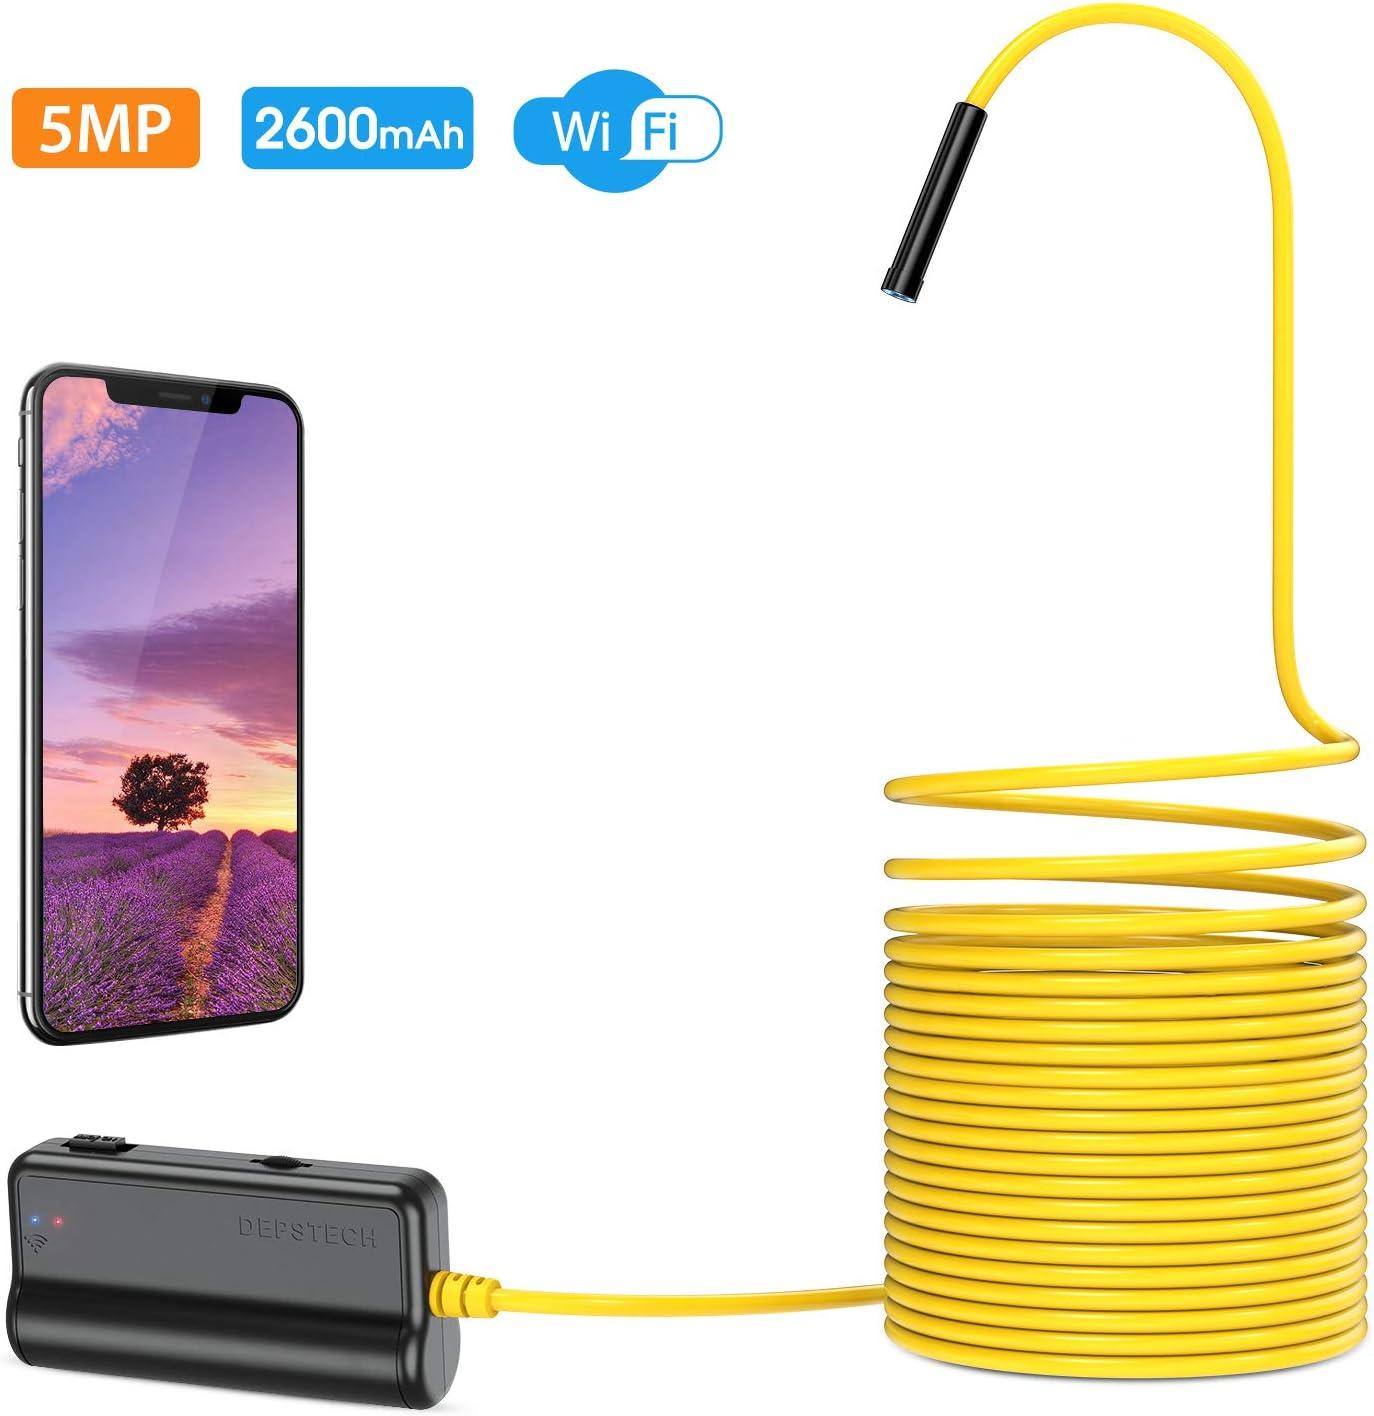 DEPSTECH Endoscopio Inalámbrico 5.0MP, WiFi Cámara de Inspección HD Boroscopio Distancia Focal de 16 Pulgadas, Batería 2600mAh para iOS, Android, iPhone, Tableta- 5M